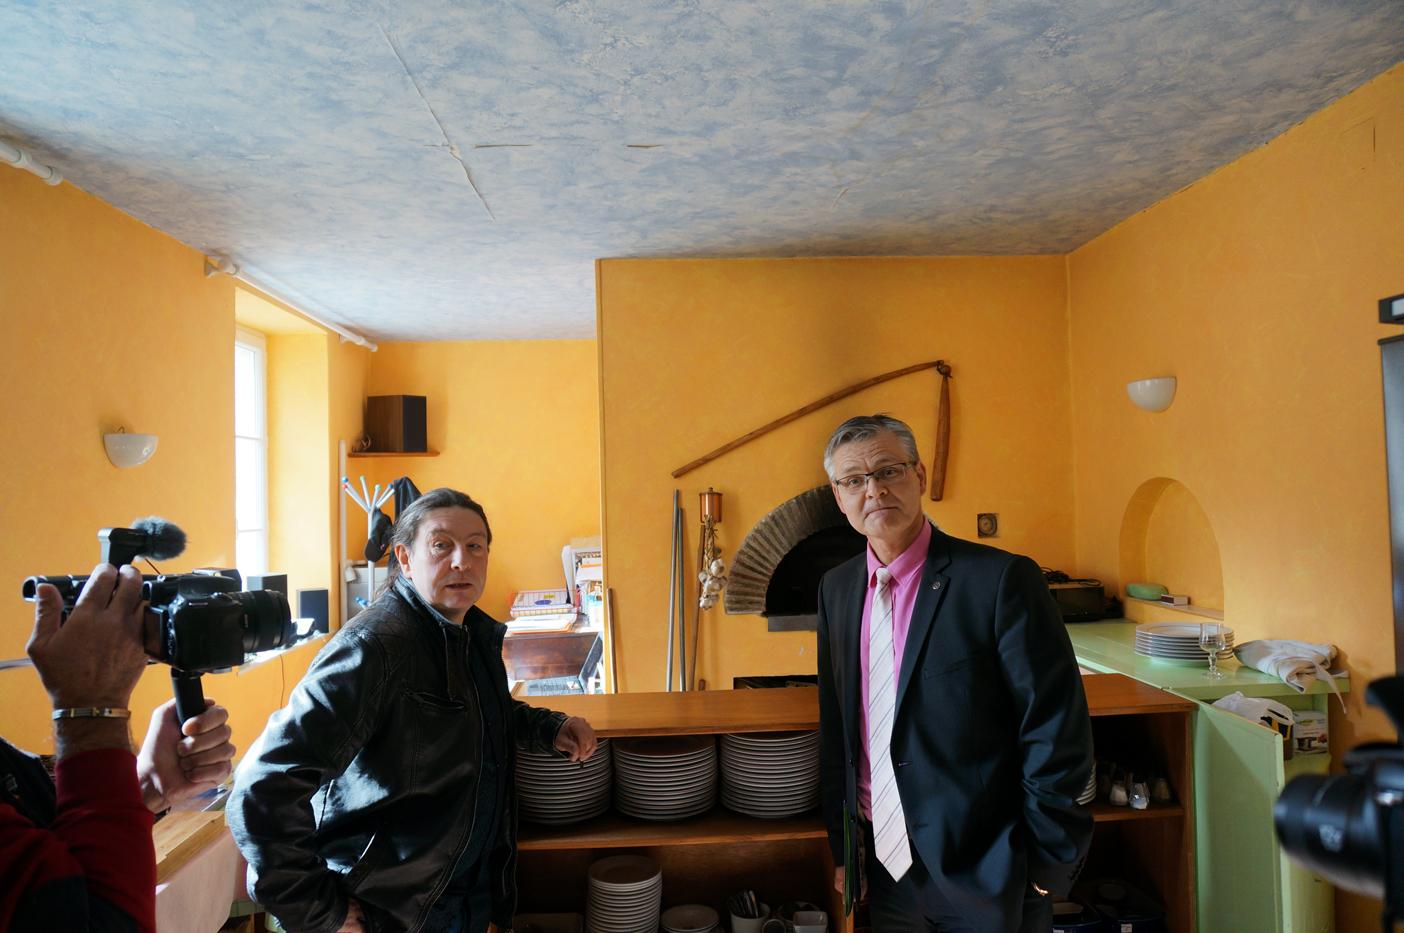 En compagnie du Maître restaurateur Raynald Dubus